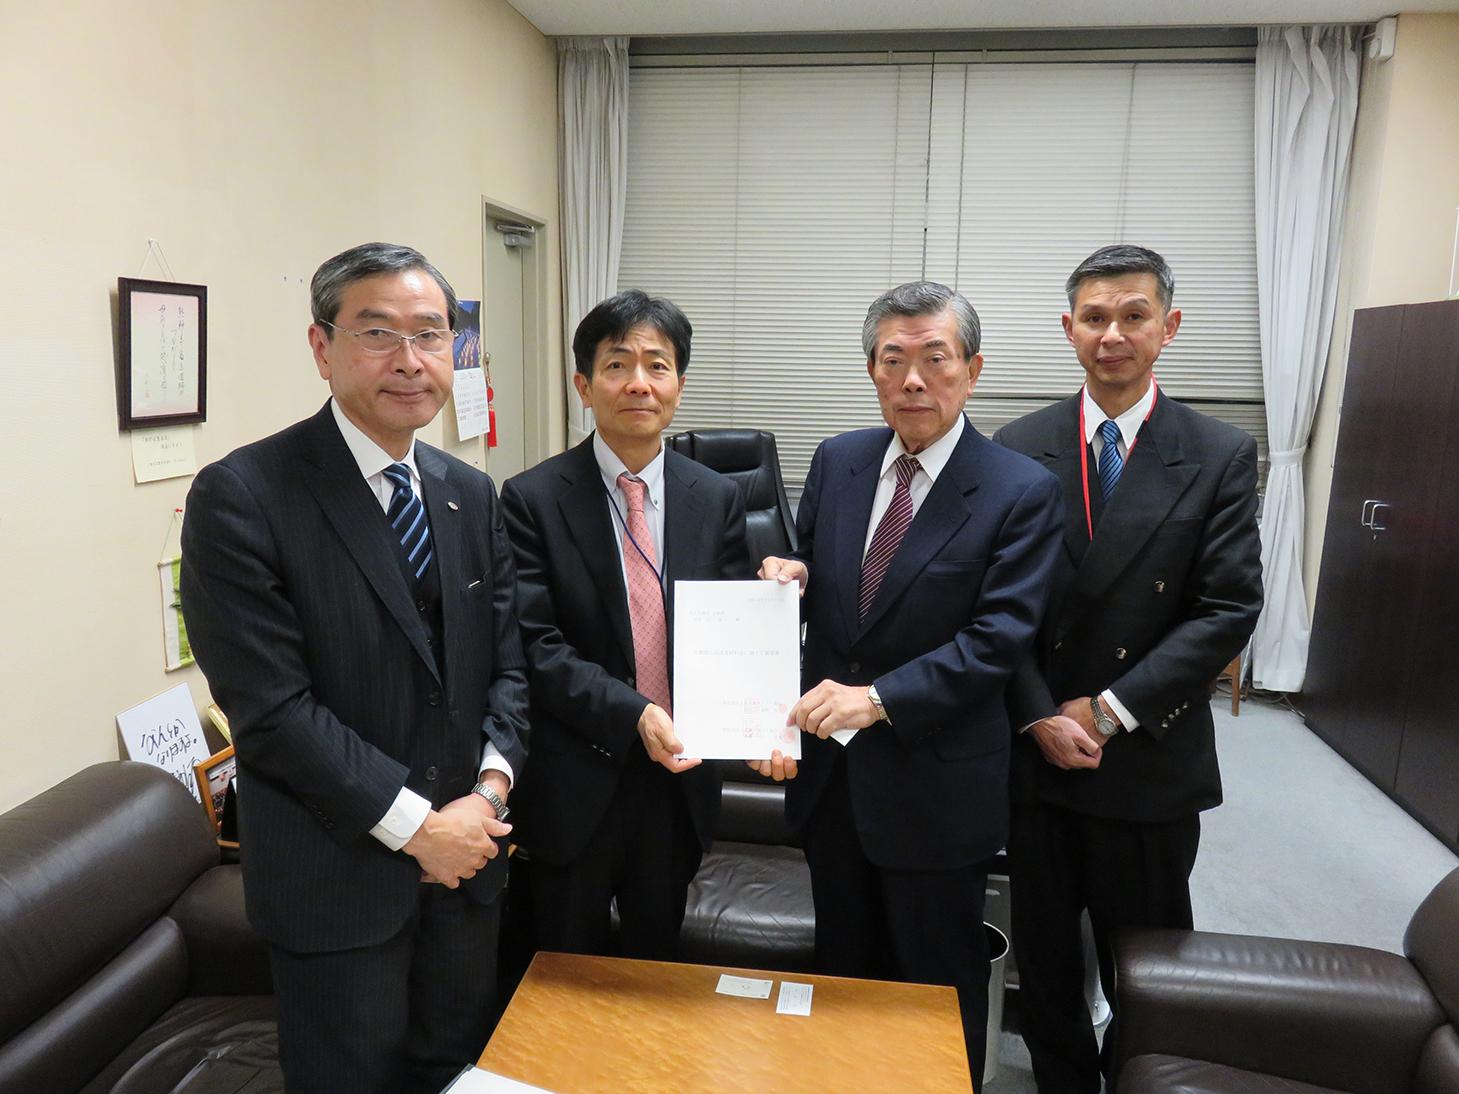 近畿圏の高速道路料金に関する要望